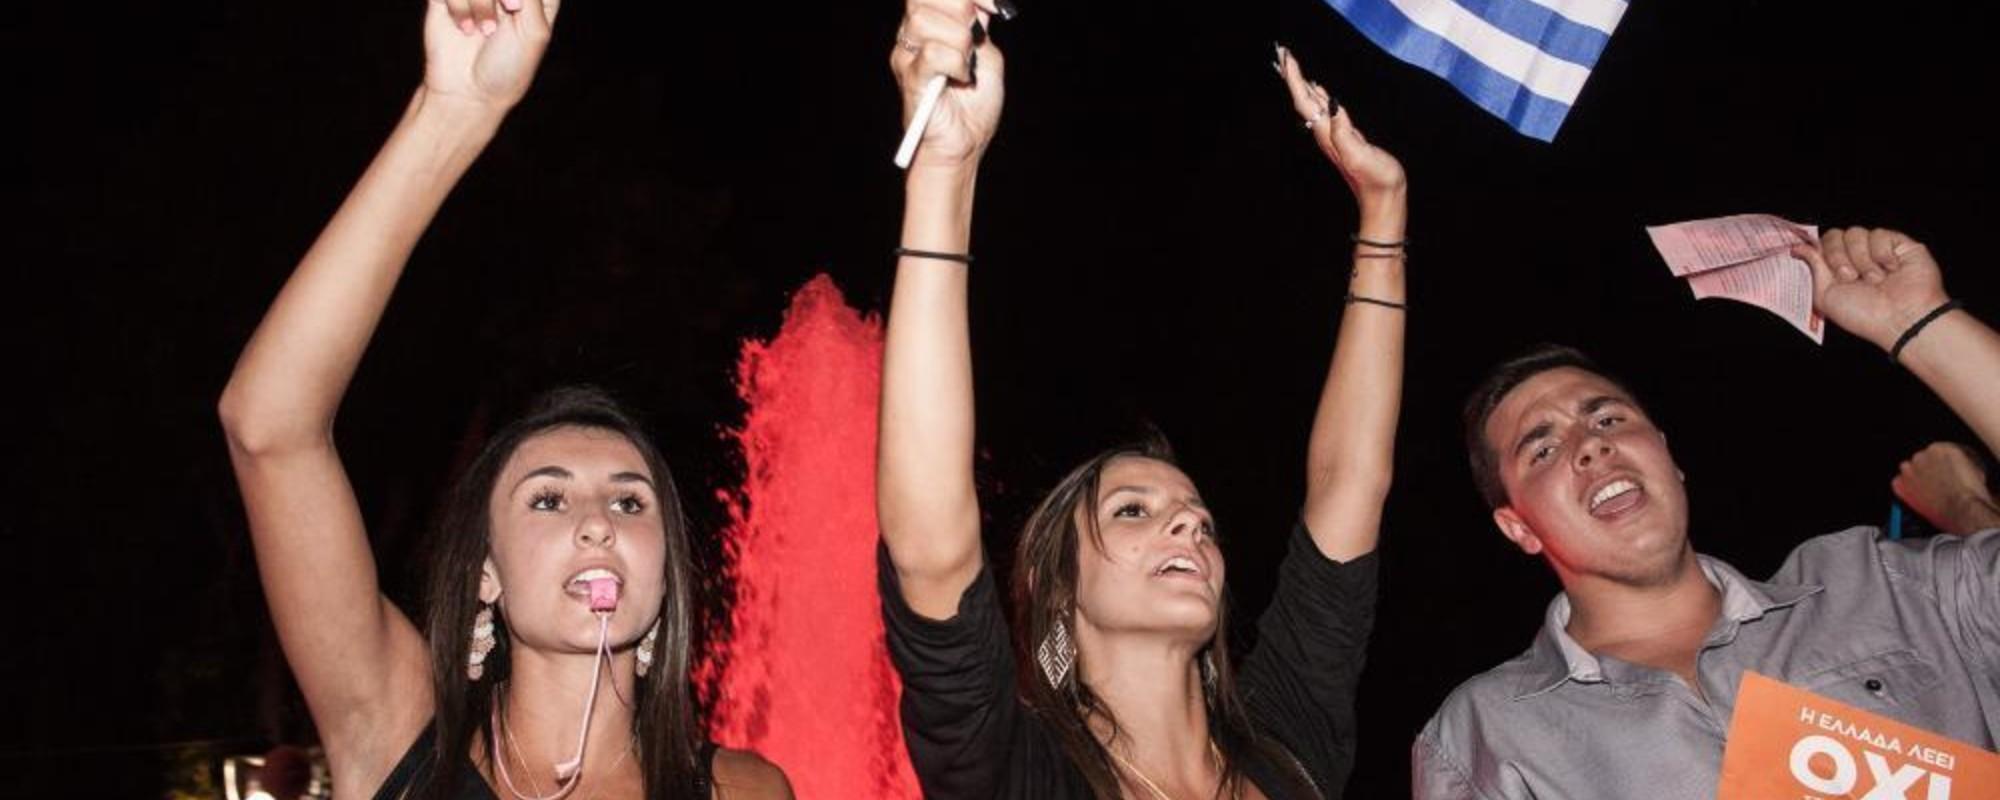 Los atenienses celebran el abrumador 'No' a la austeridad